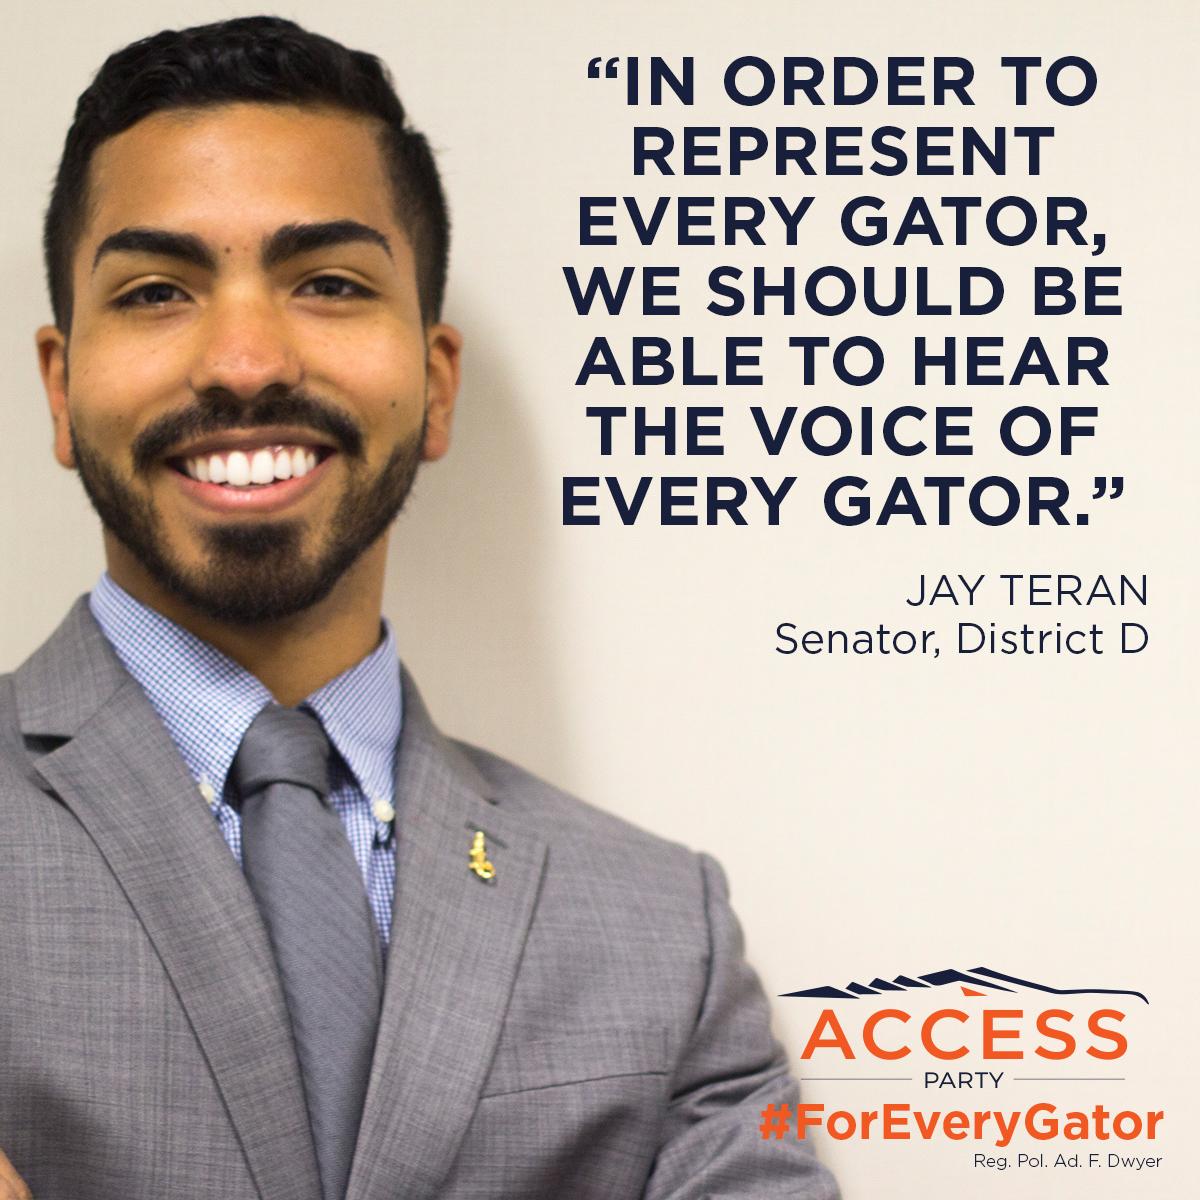 Access-SenatorSwitch-Jay.jpg